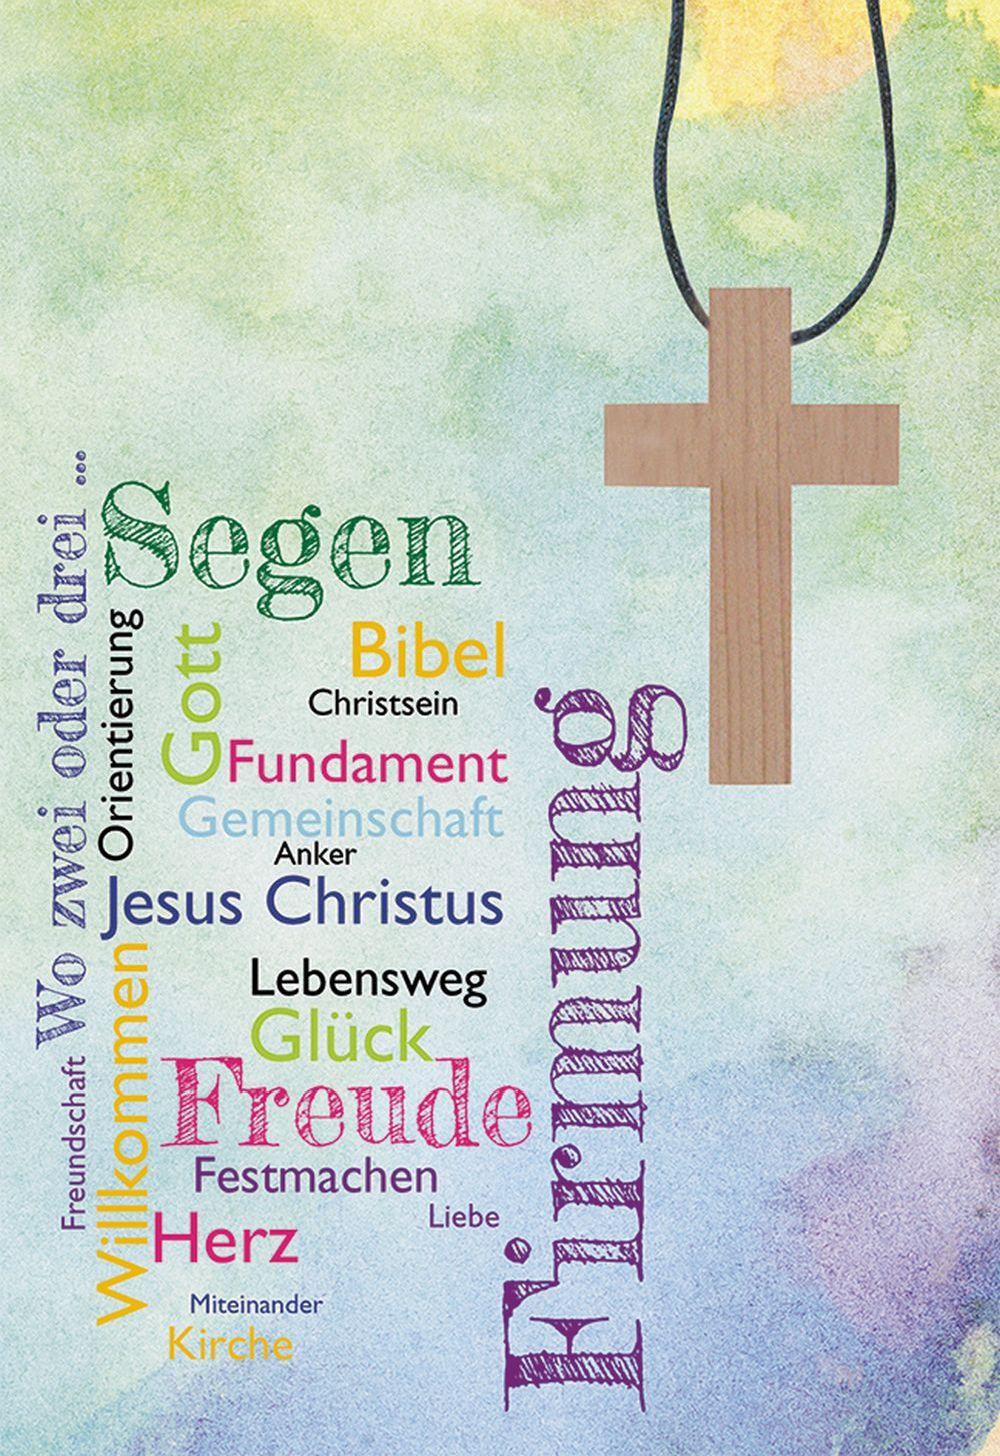 Glückwunschkarte mit Kreuz-Holzanhänger auf Textilband Firmung